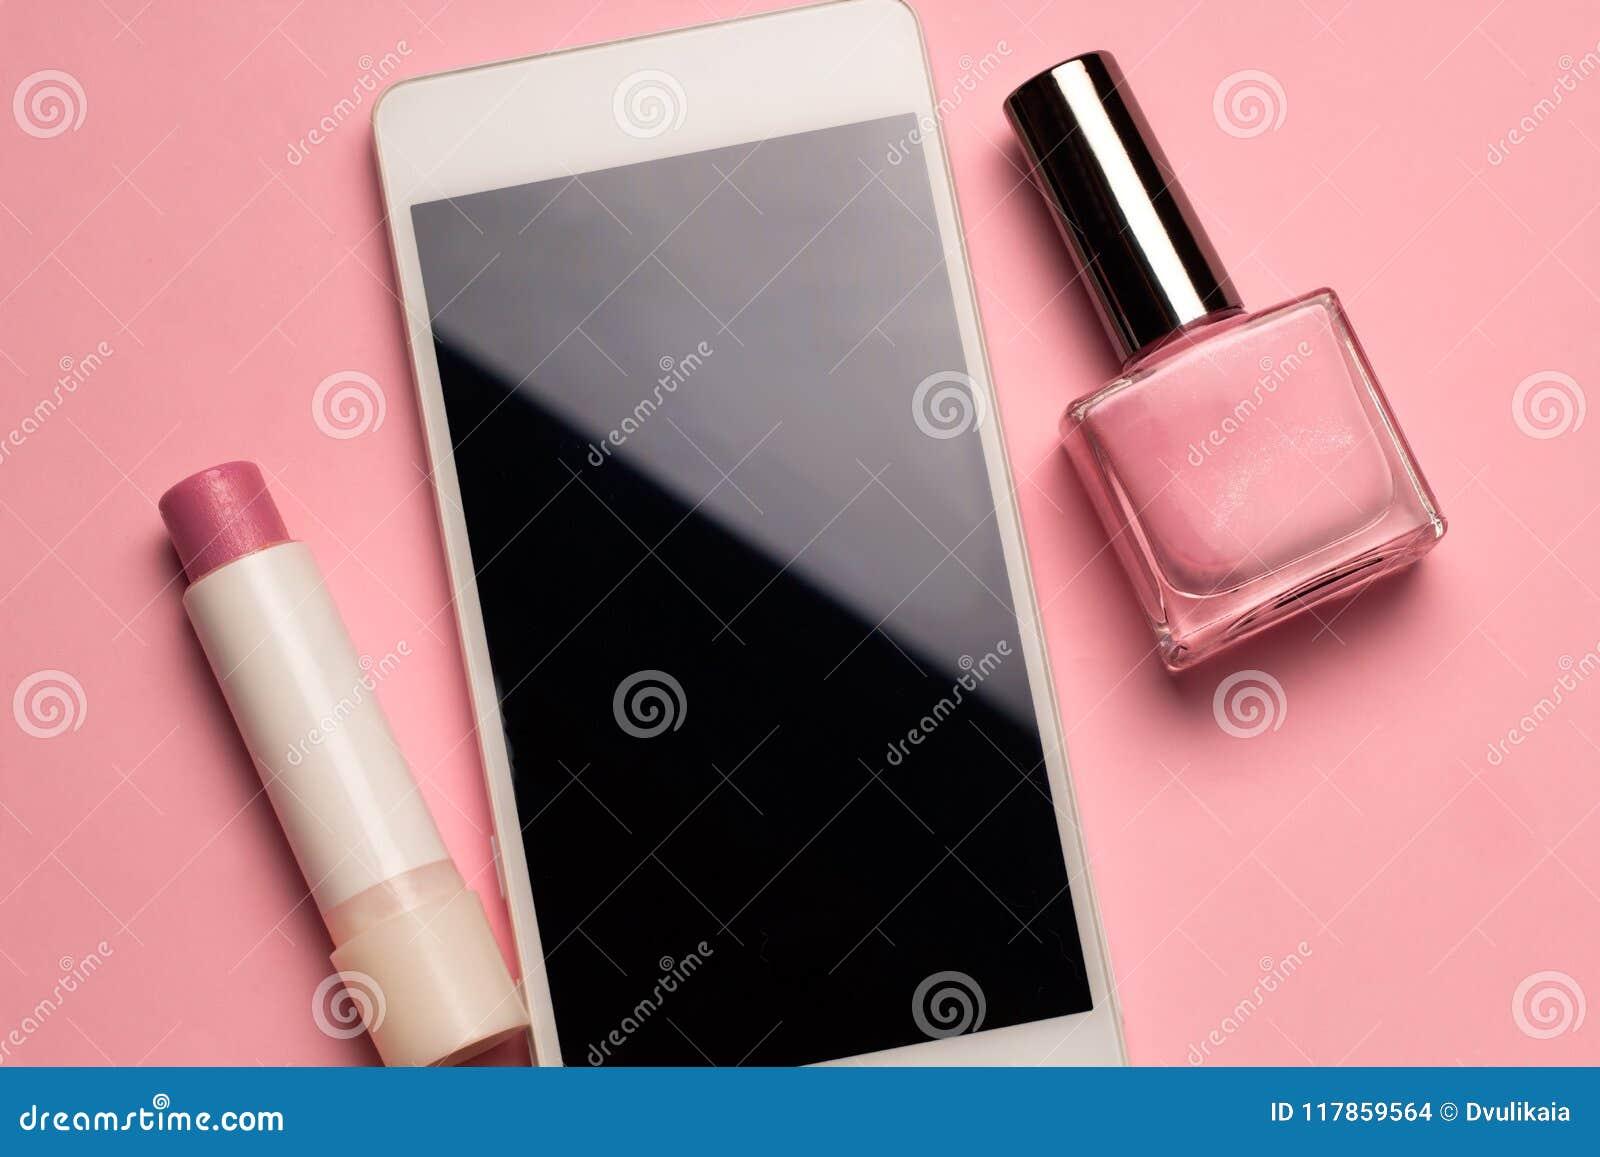 Fondo Del Rosa En Colores Pastel Del Teléfono Celular Del